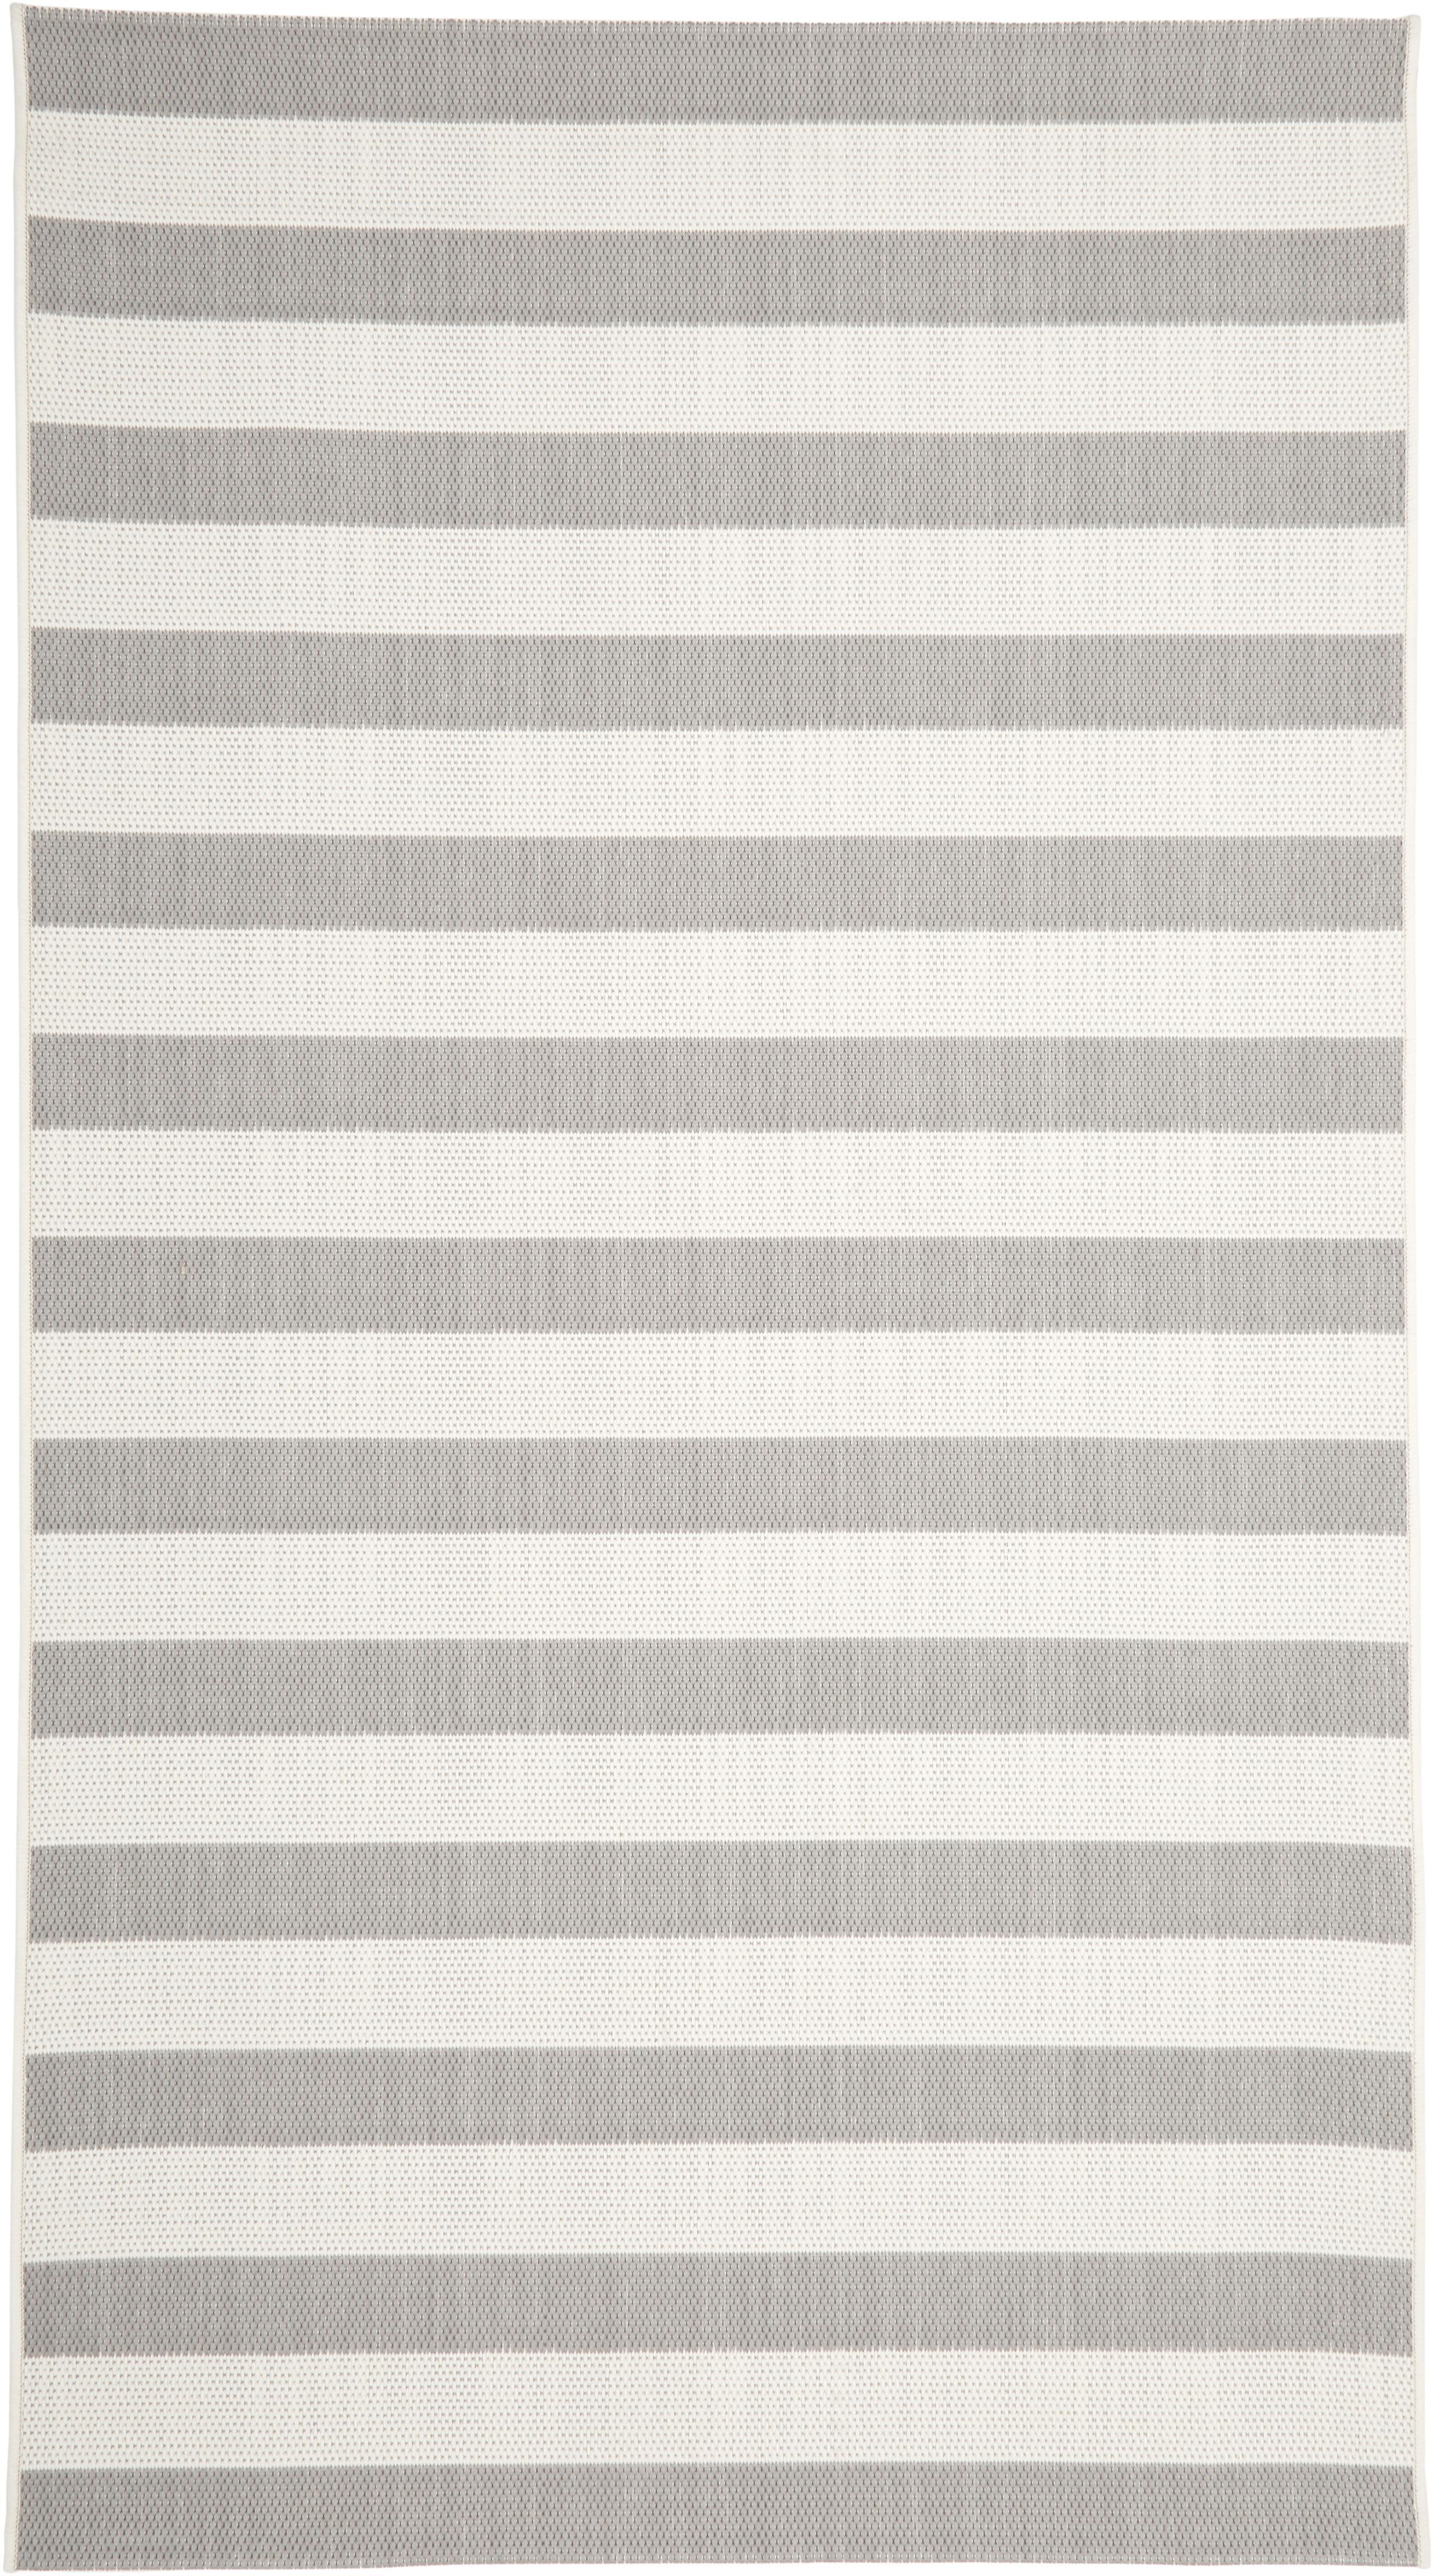 Gestreifter In- & Outdoor-Teppich Axa in Grau/Weiß, Flor: 100% Polypropylen, Cremeweiß, Grau, B 80 x L 150 cm (Größe XS)